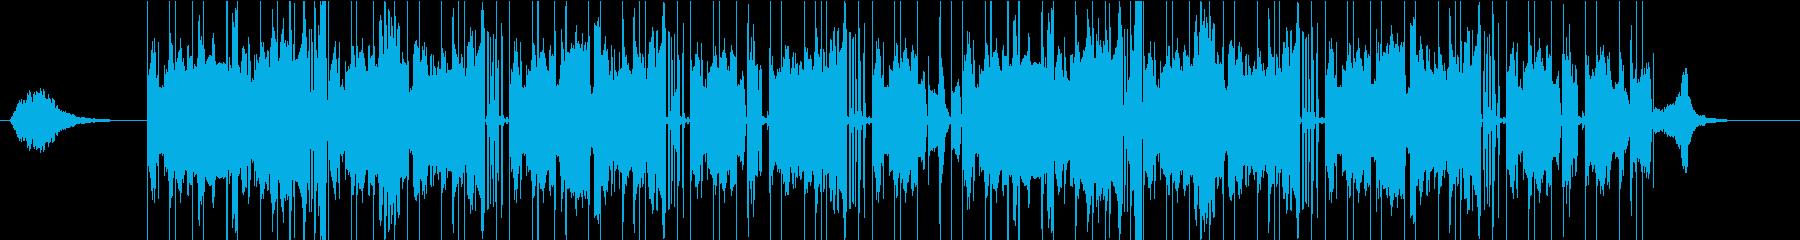 クールインパクトの再生済みの波形